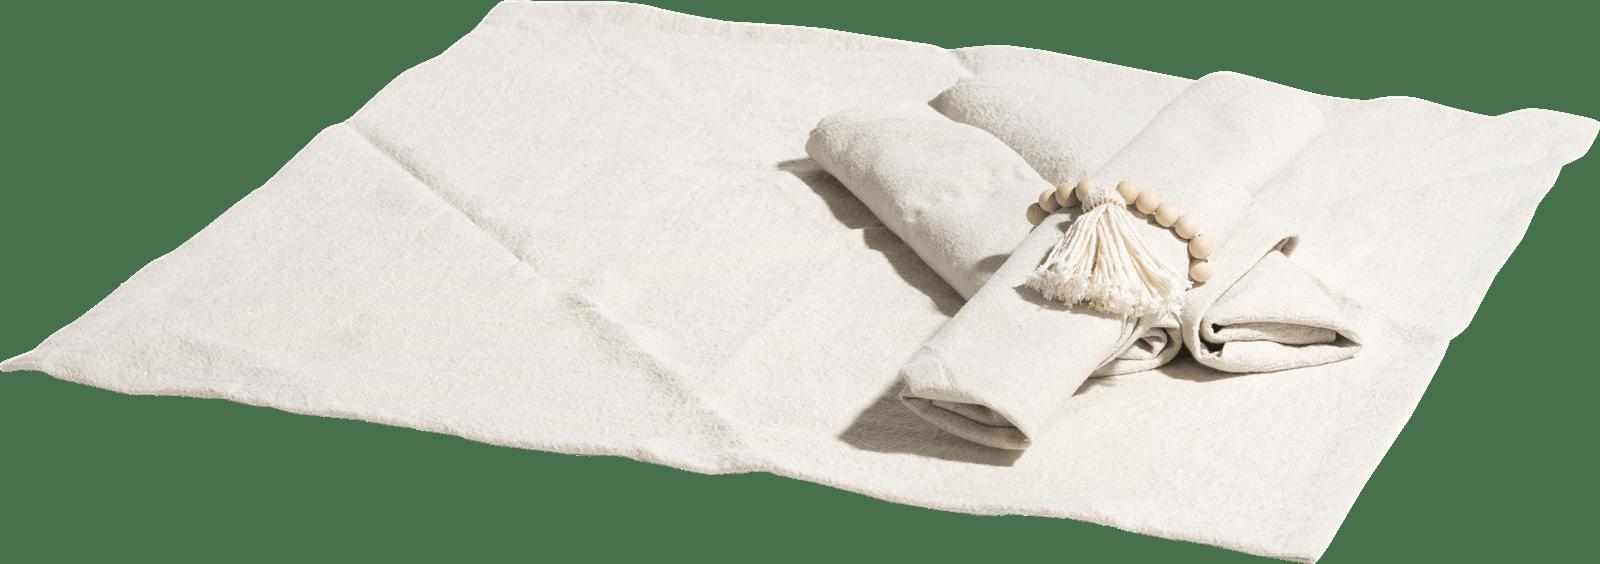 XOOON - Coco Maison - amalfi set of 4 napkins